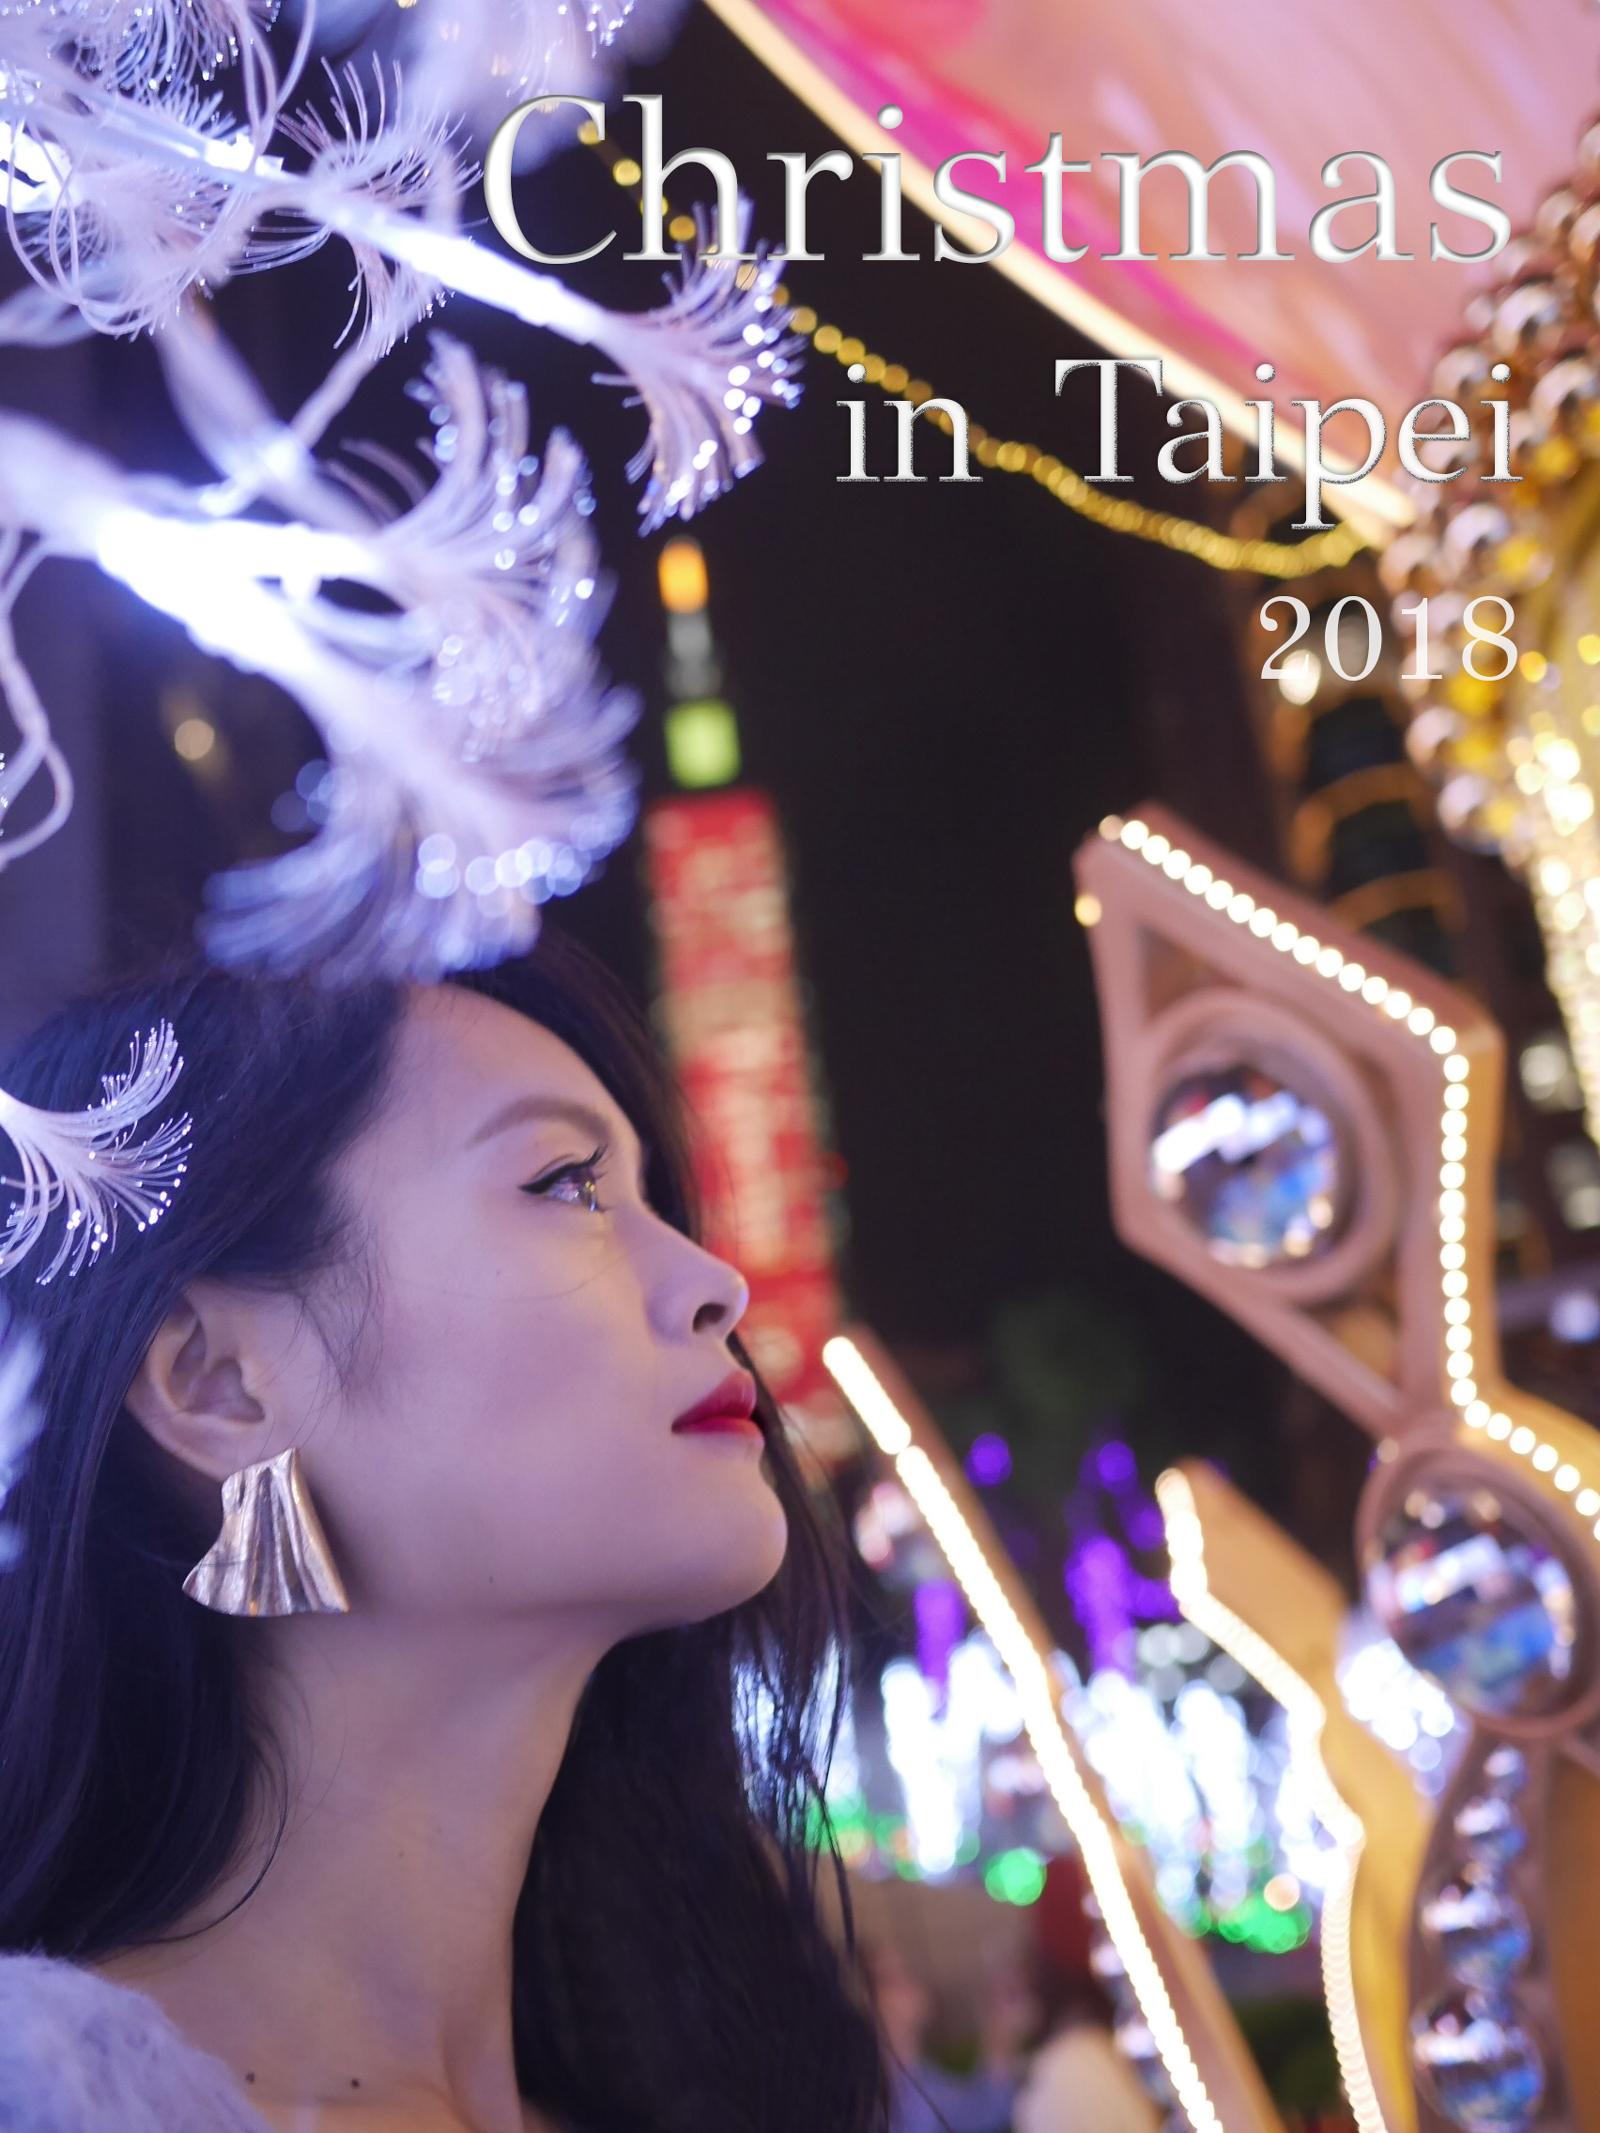 Christmas-in-Taipei-2018